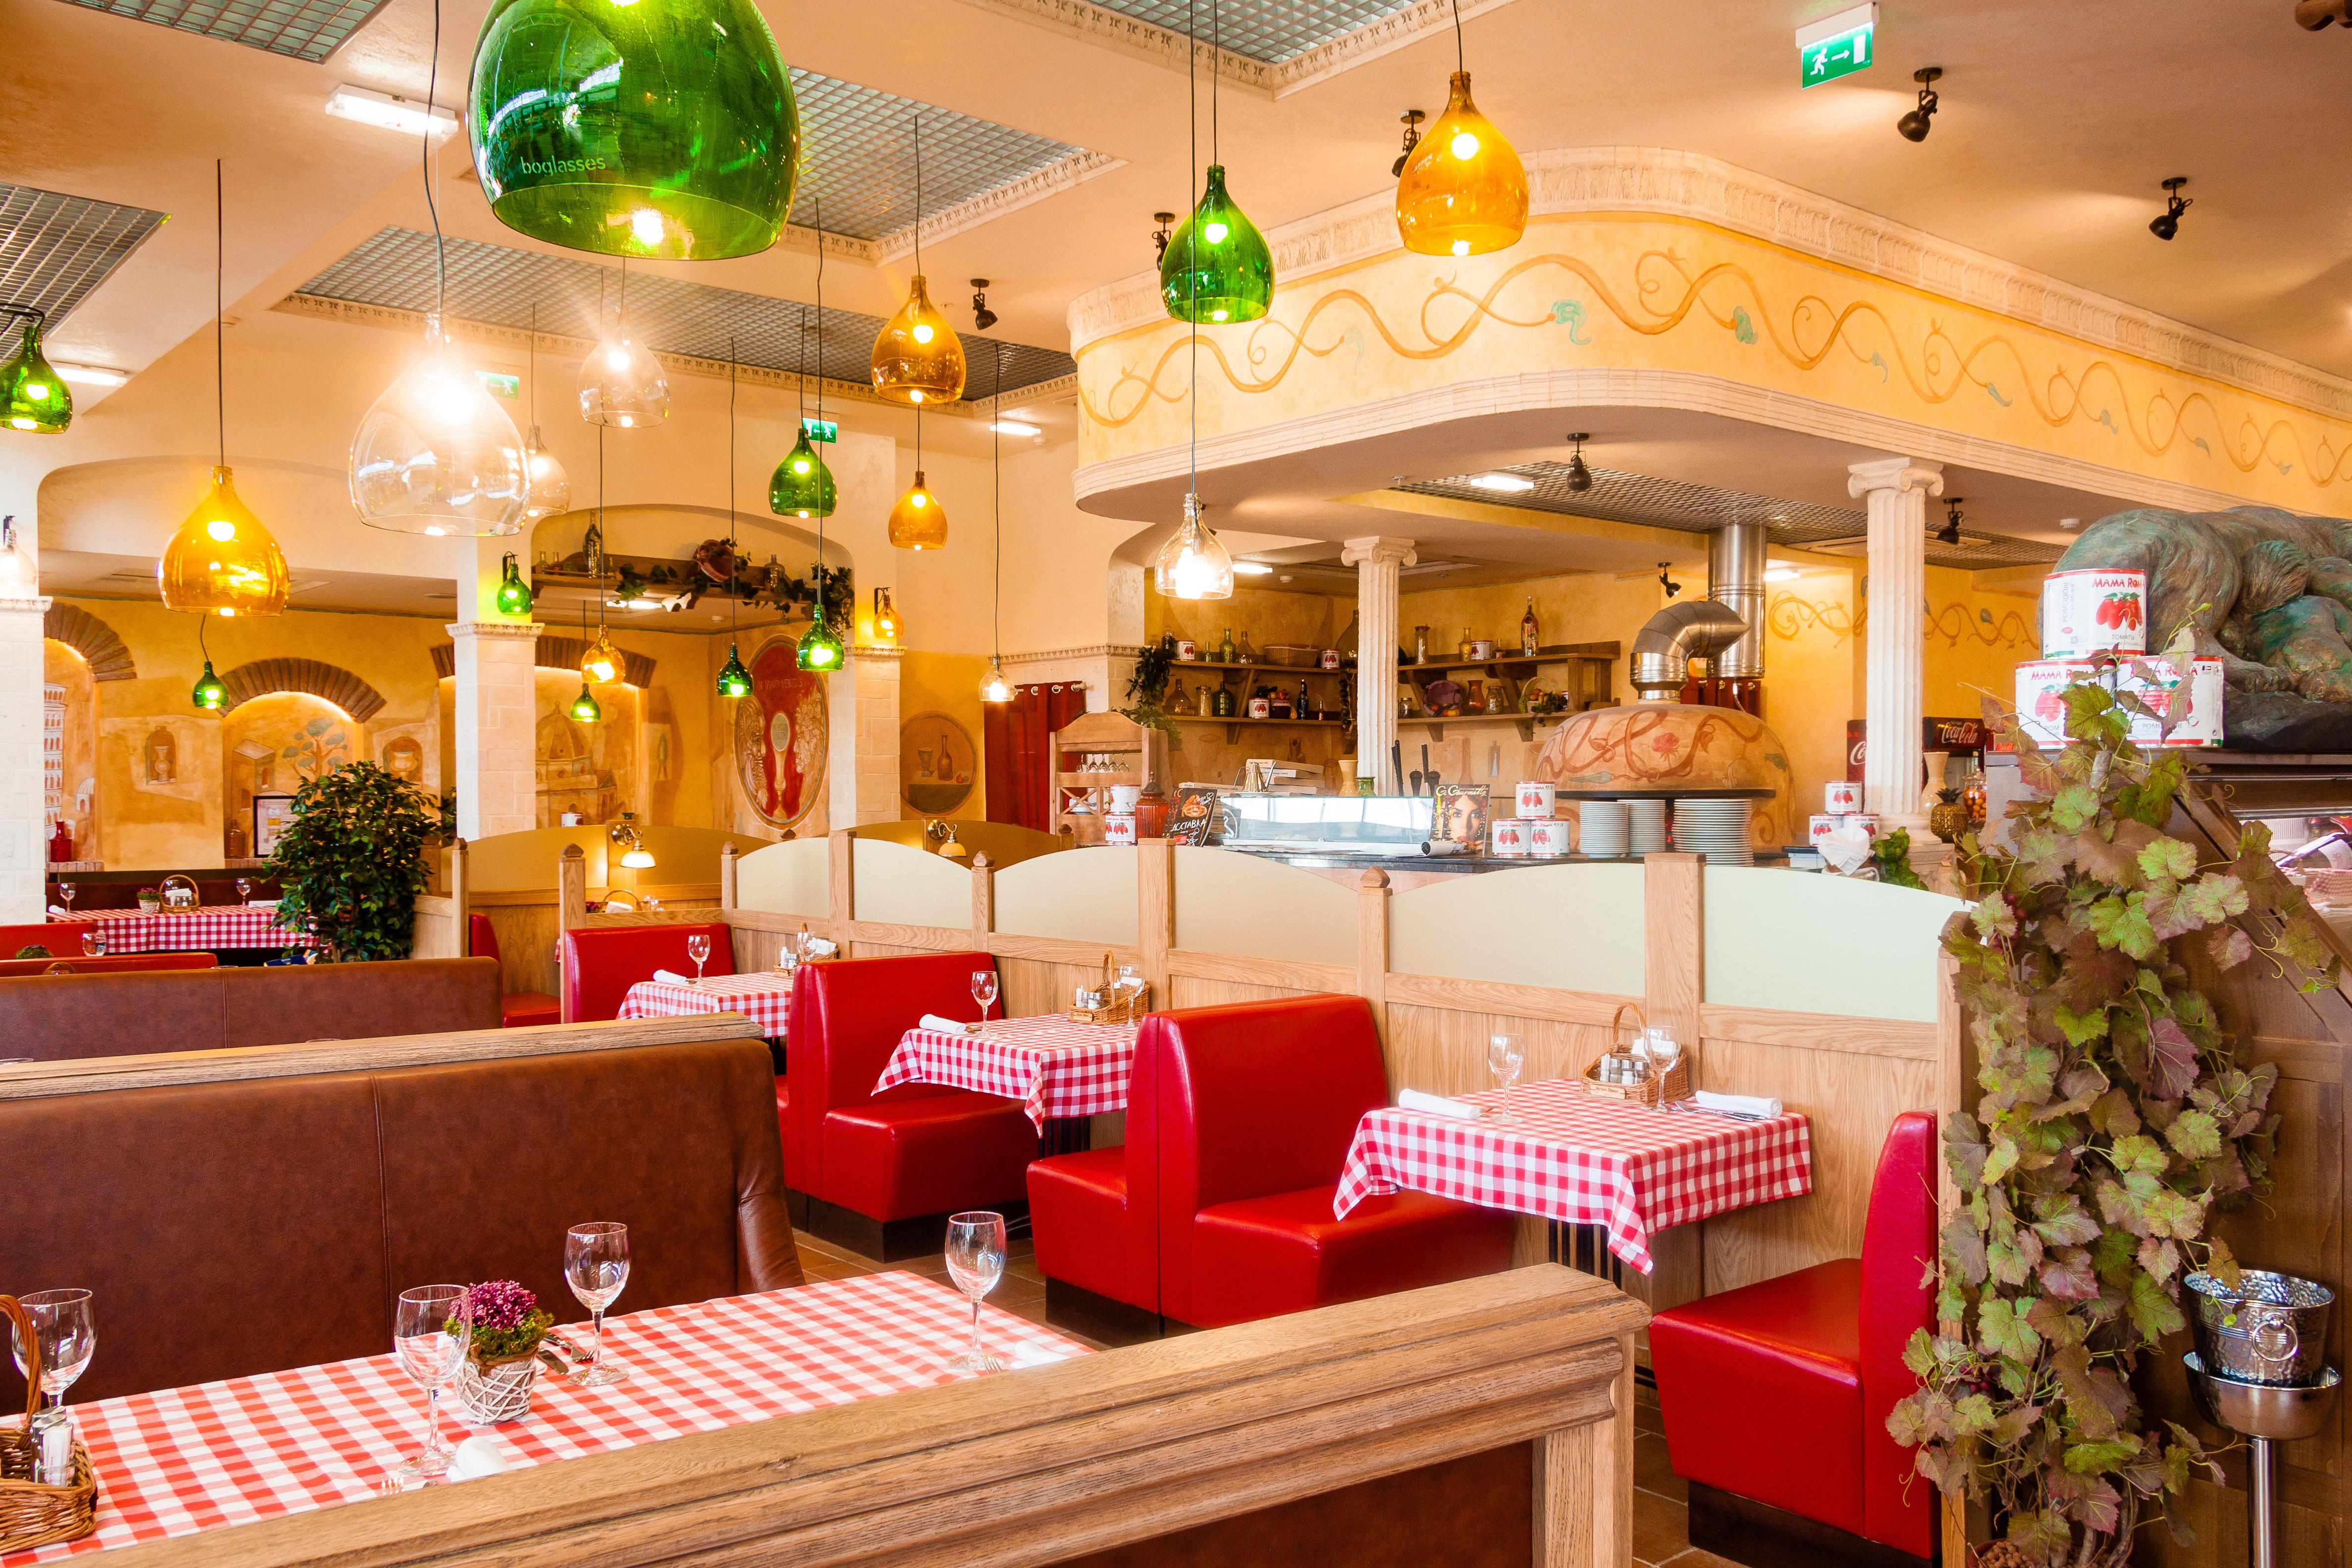 картинки для итальянского ресторана никаких неприятных